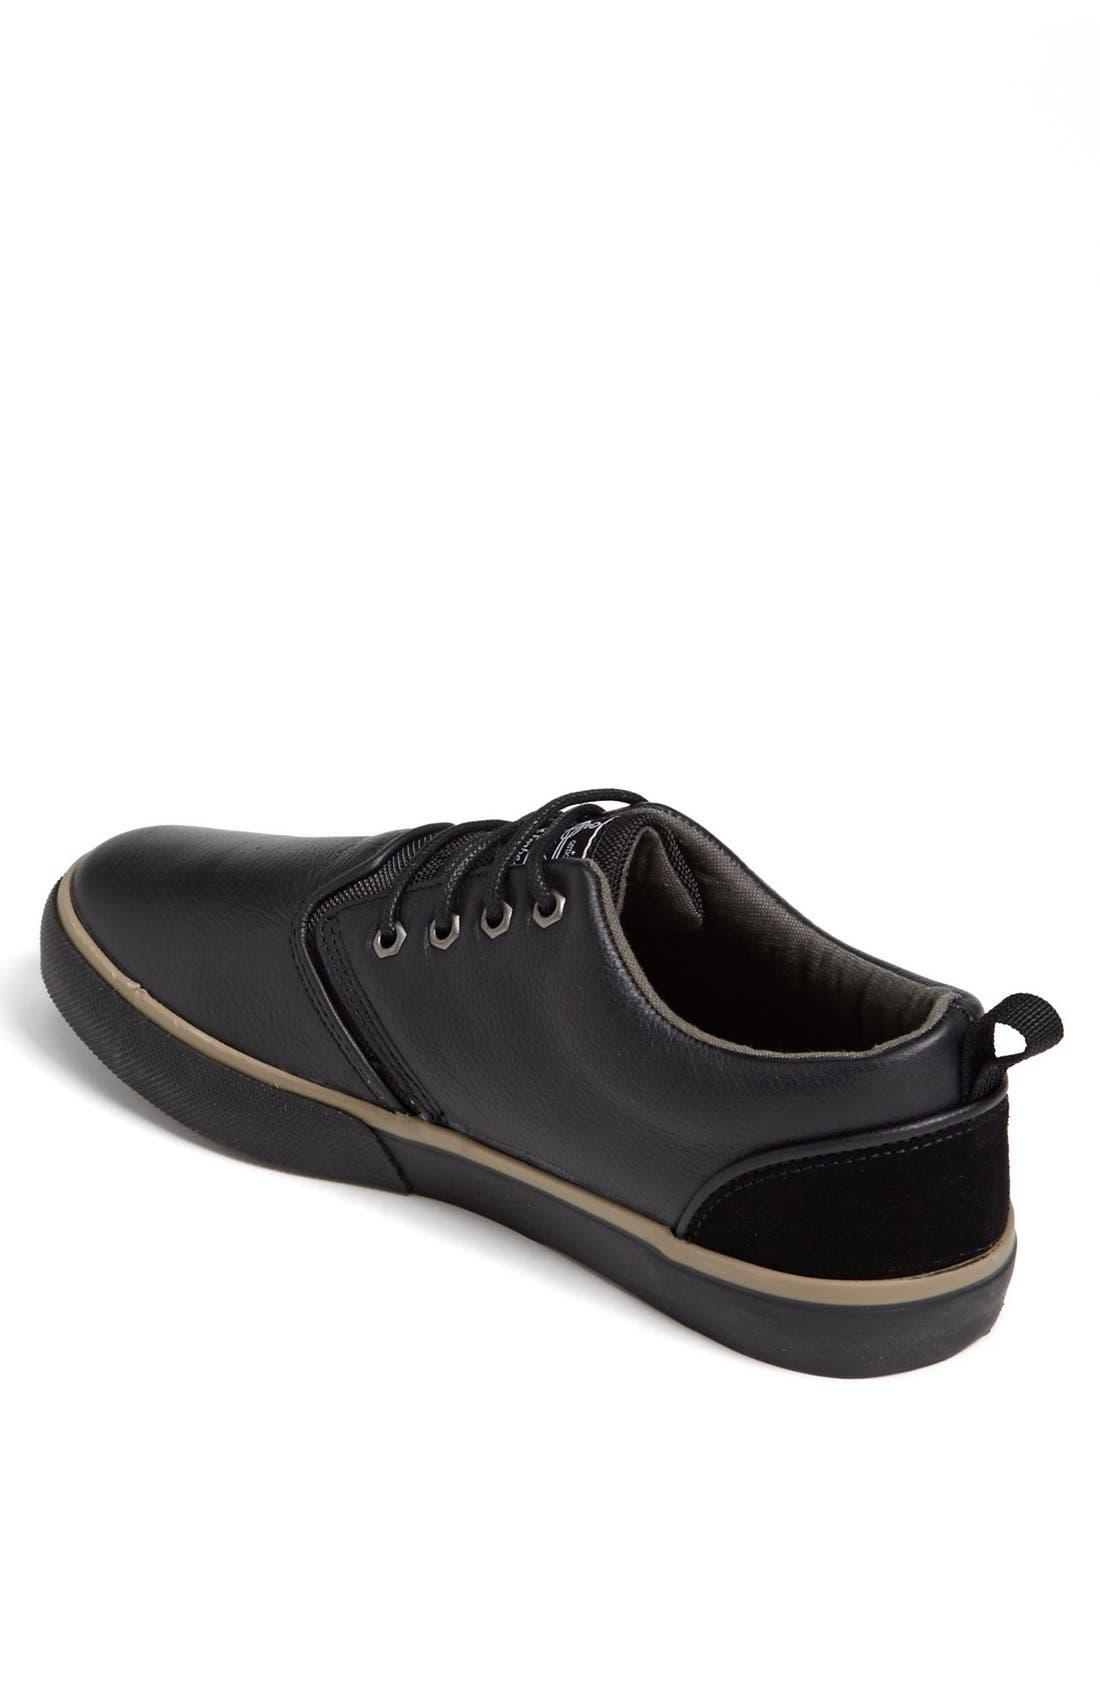 Alternate Image 2  - Quiksilver 'RF1 Low Premium' Sneaker (Men)